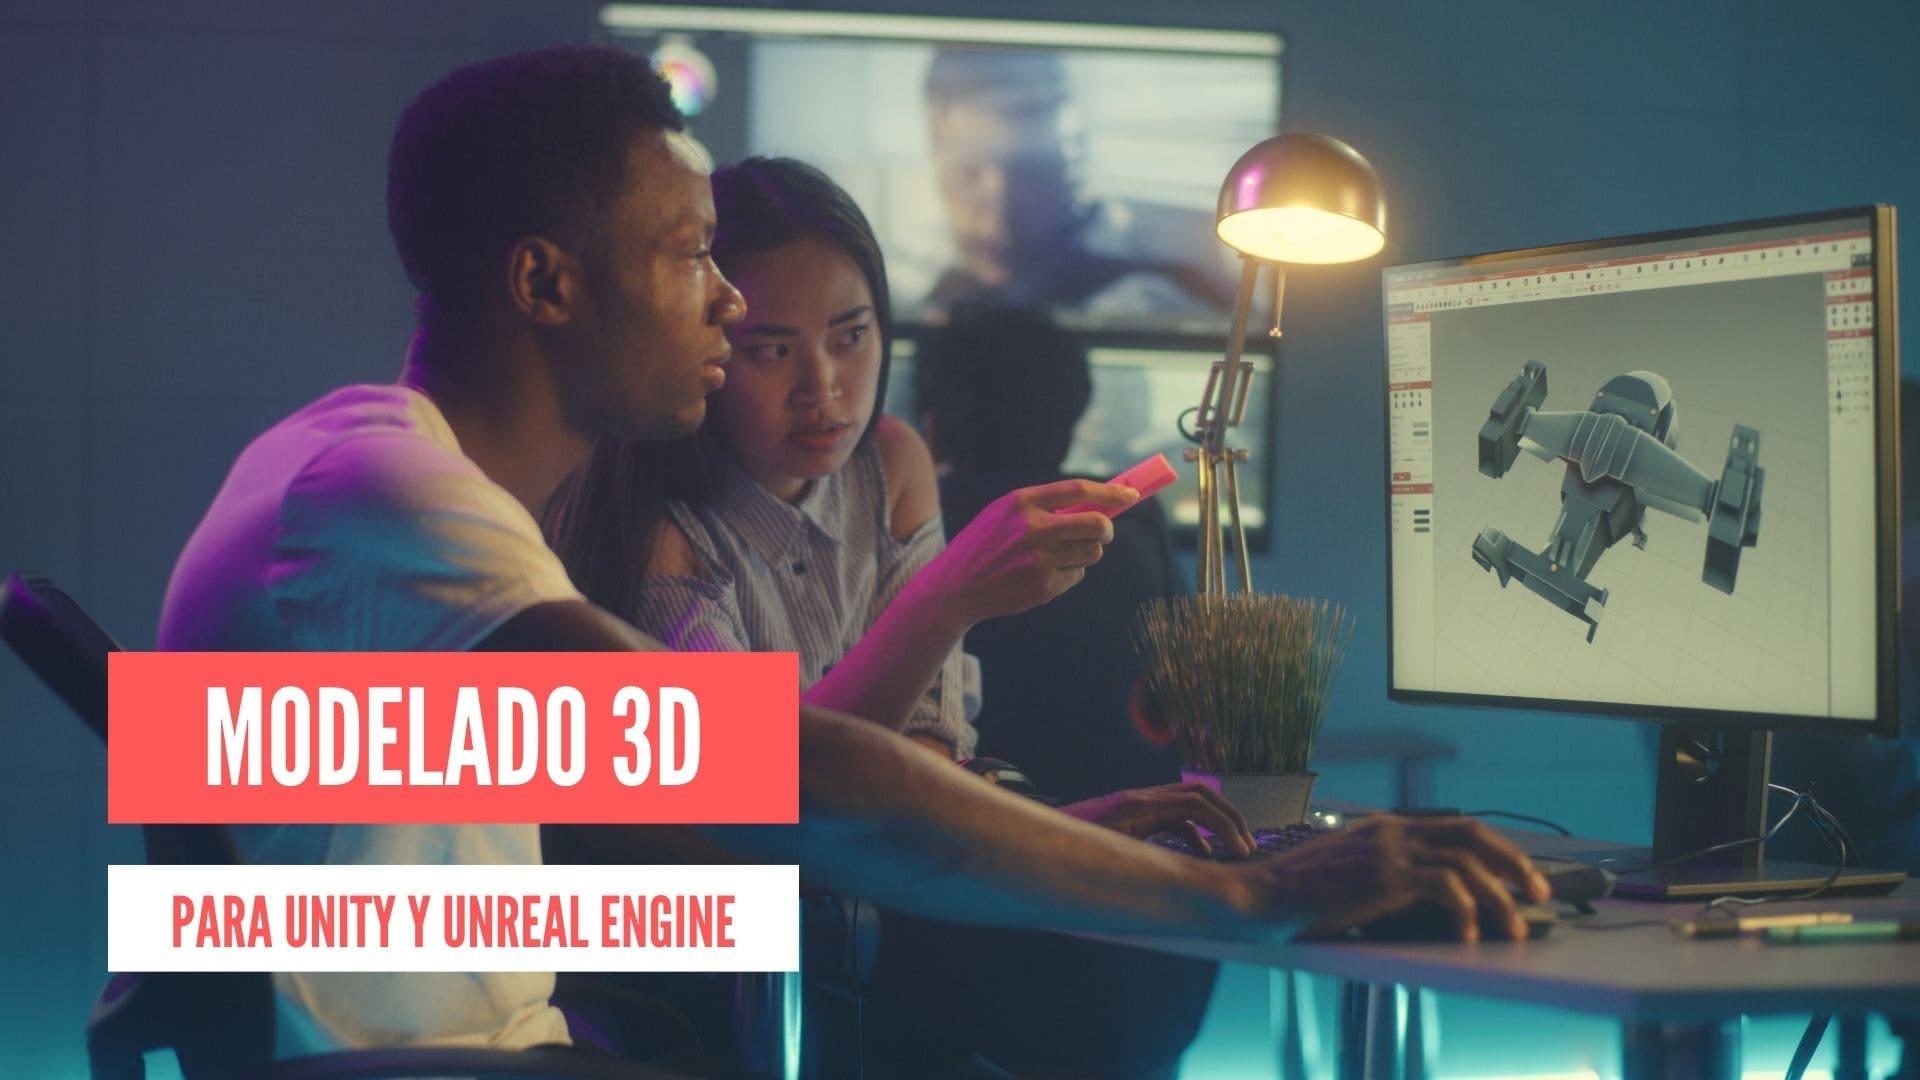 Modelado 3D Unity Unreal